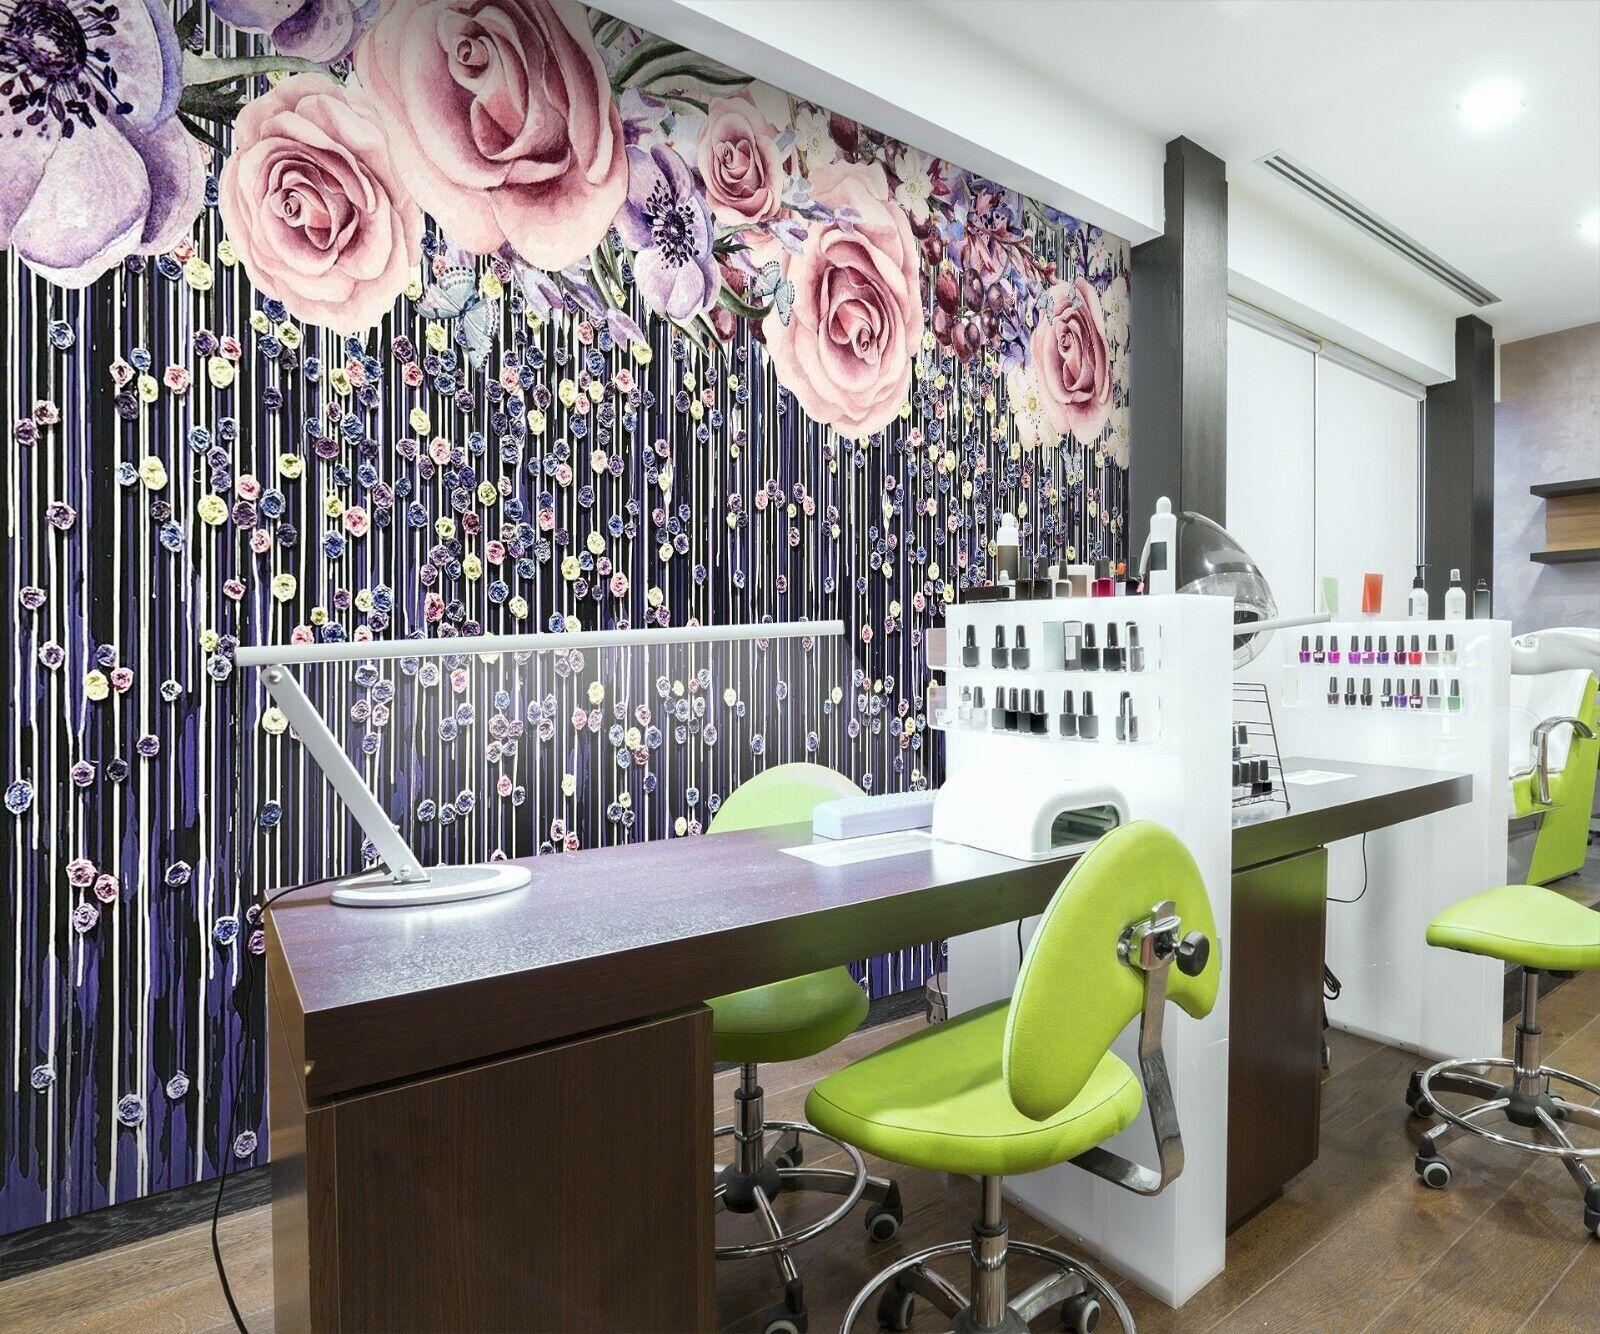 3D Schöne Blütenfarbe M46 Geschäft Tapete Wandgemälde Selbstklebend Handel Ang